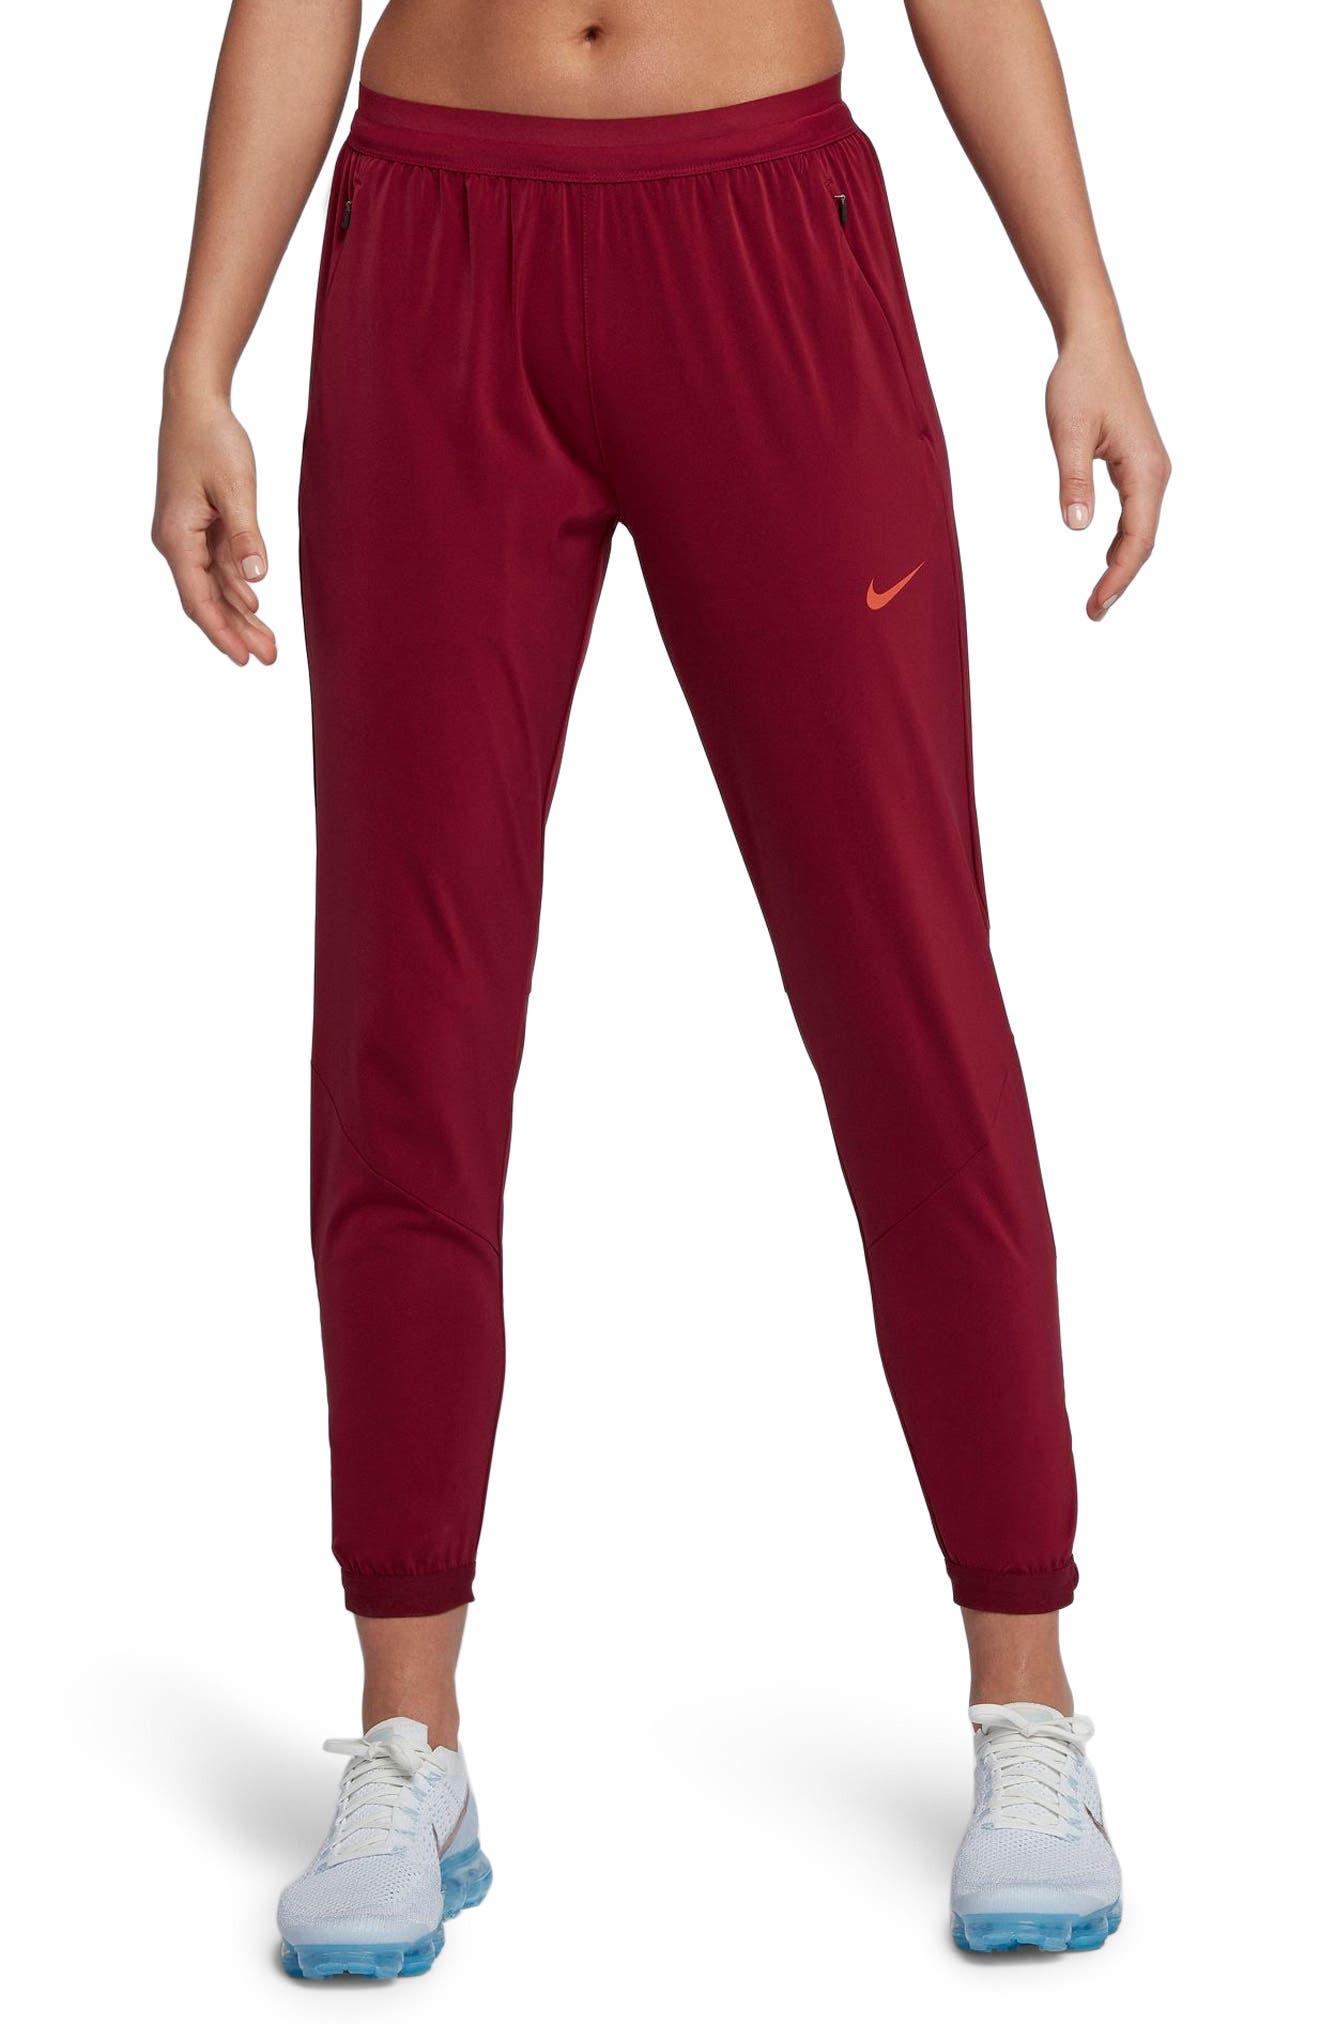 Main Image - Nike Women's Dry Running Stadium Pants